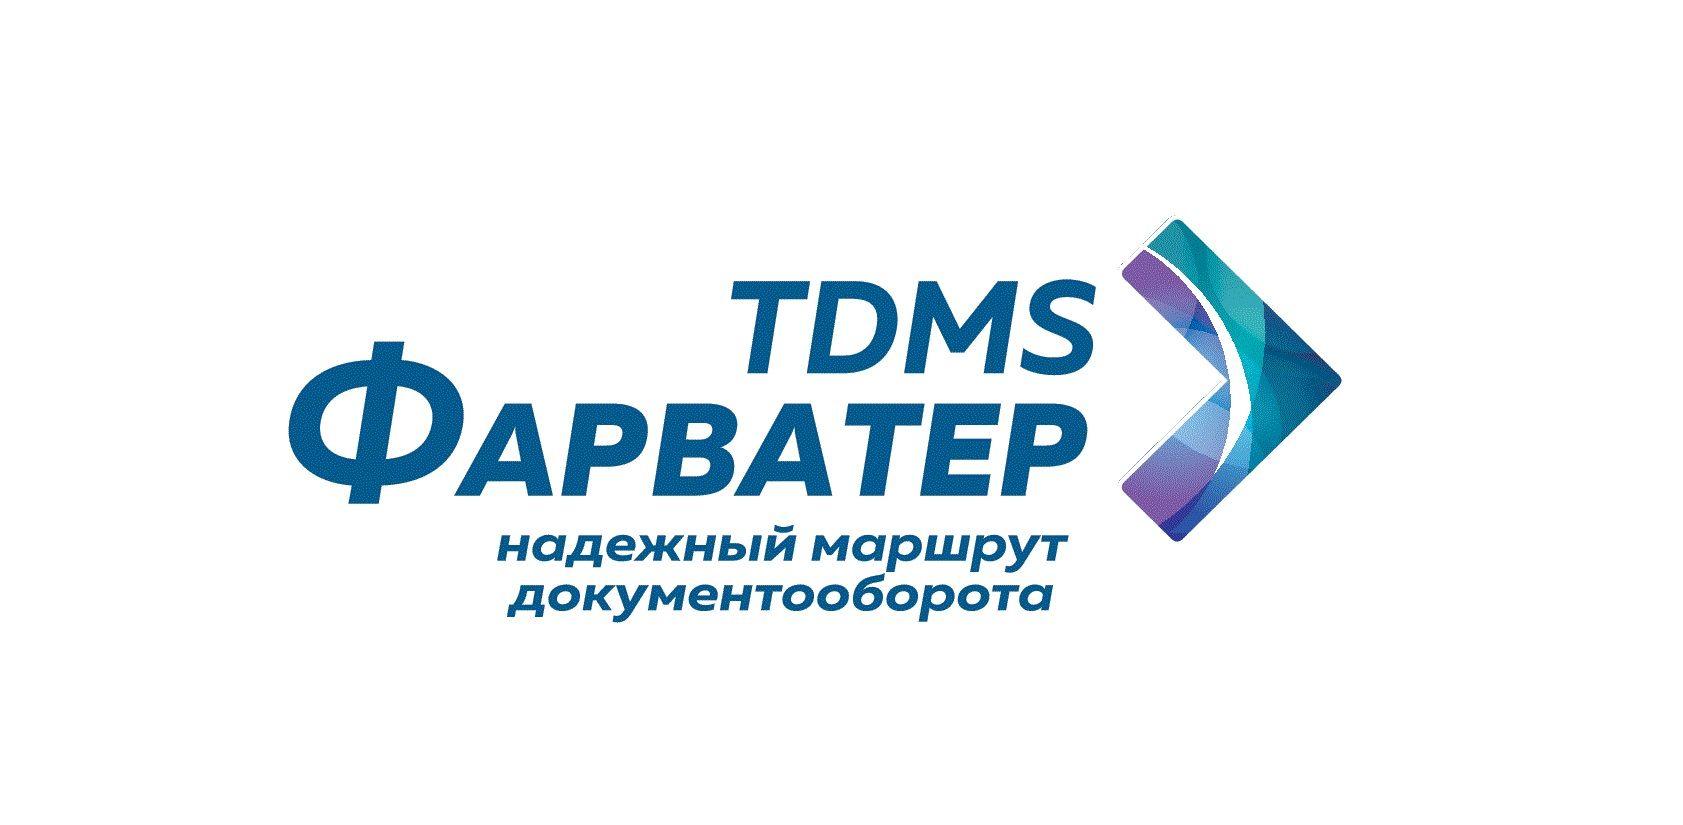 Новая версия TDMS Фарватер 2.0: BIM, web-интерфейс, PostgreSQL и многое другое